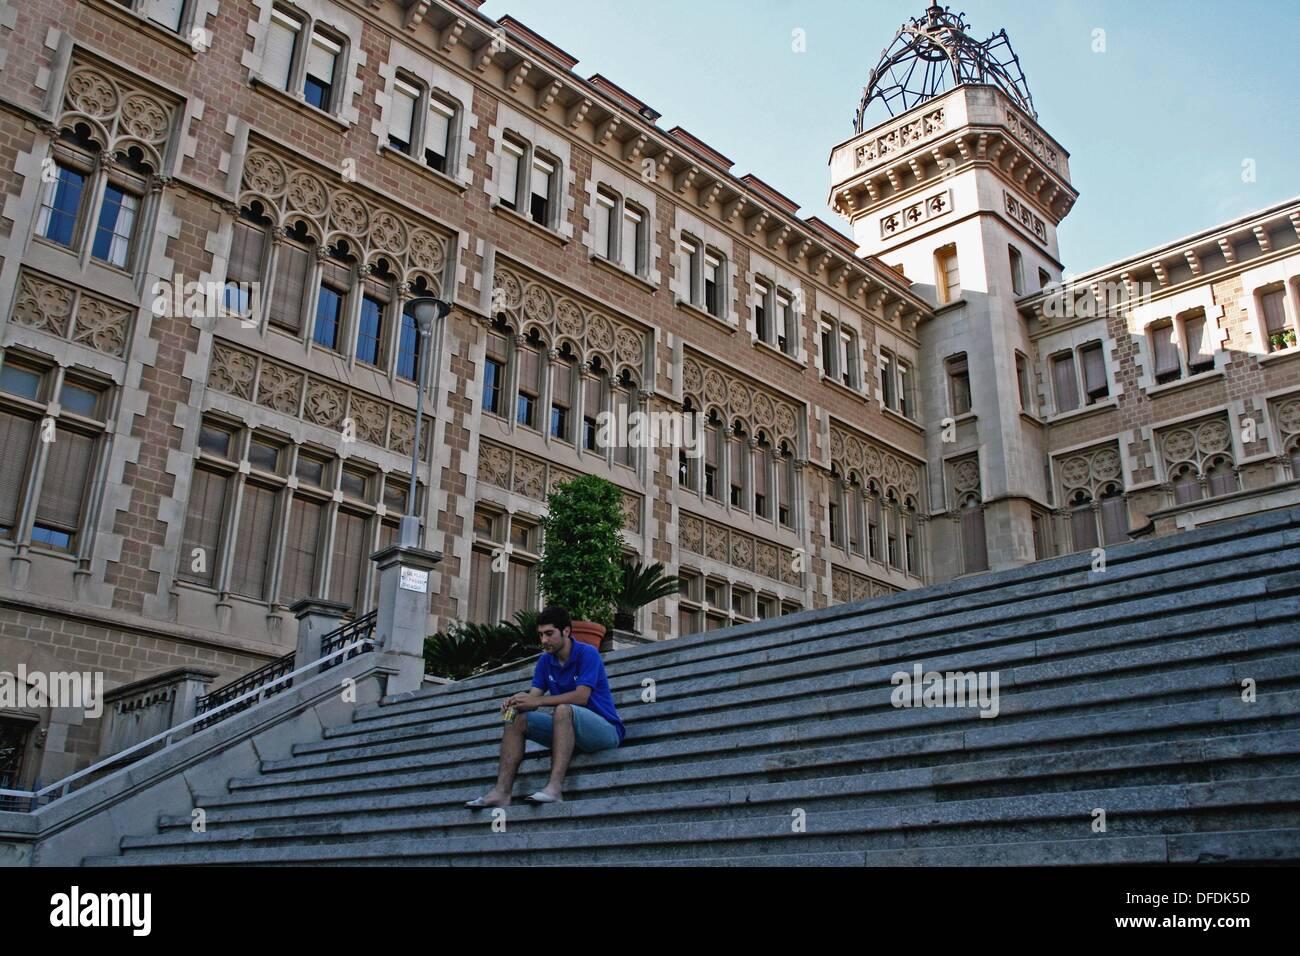 Colegio la salle bonanova 1889 arq ignasi roma a for Piscina la salle bonanova